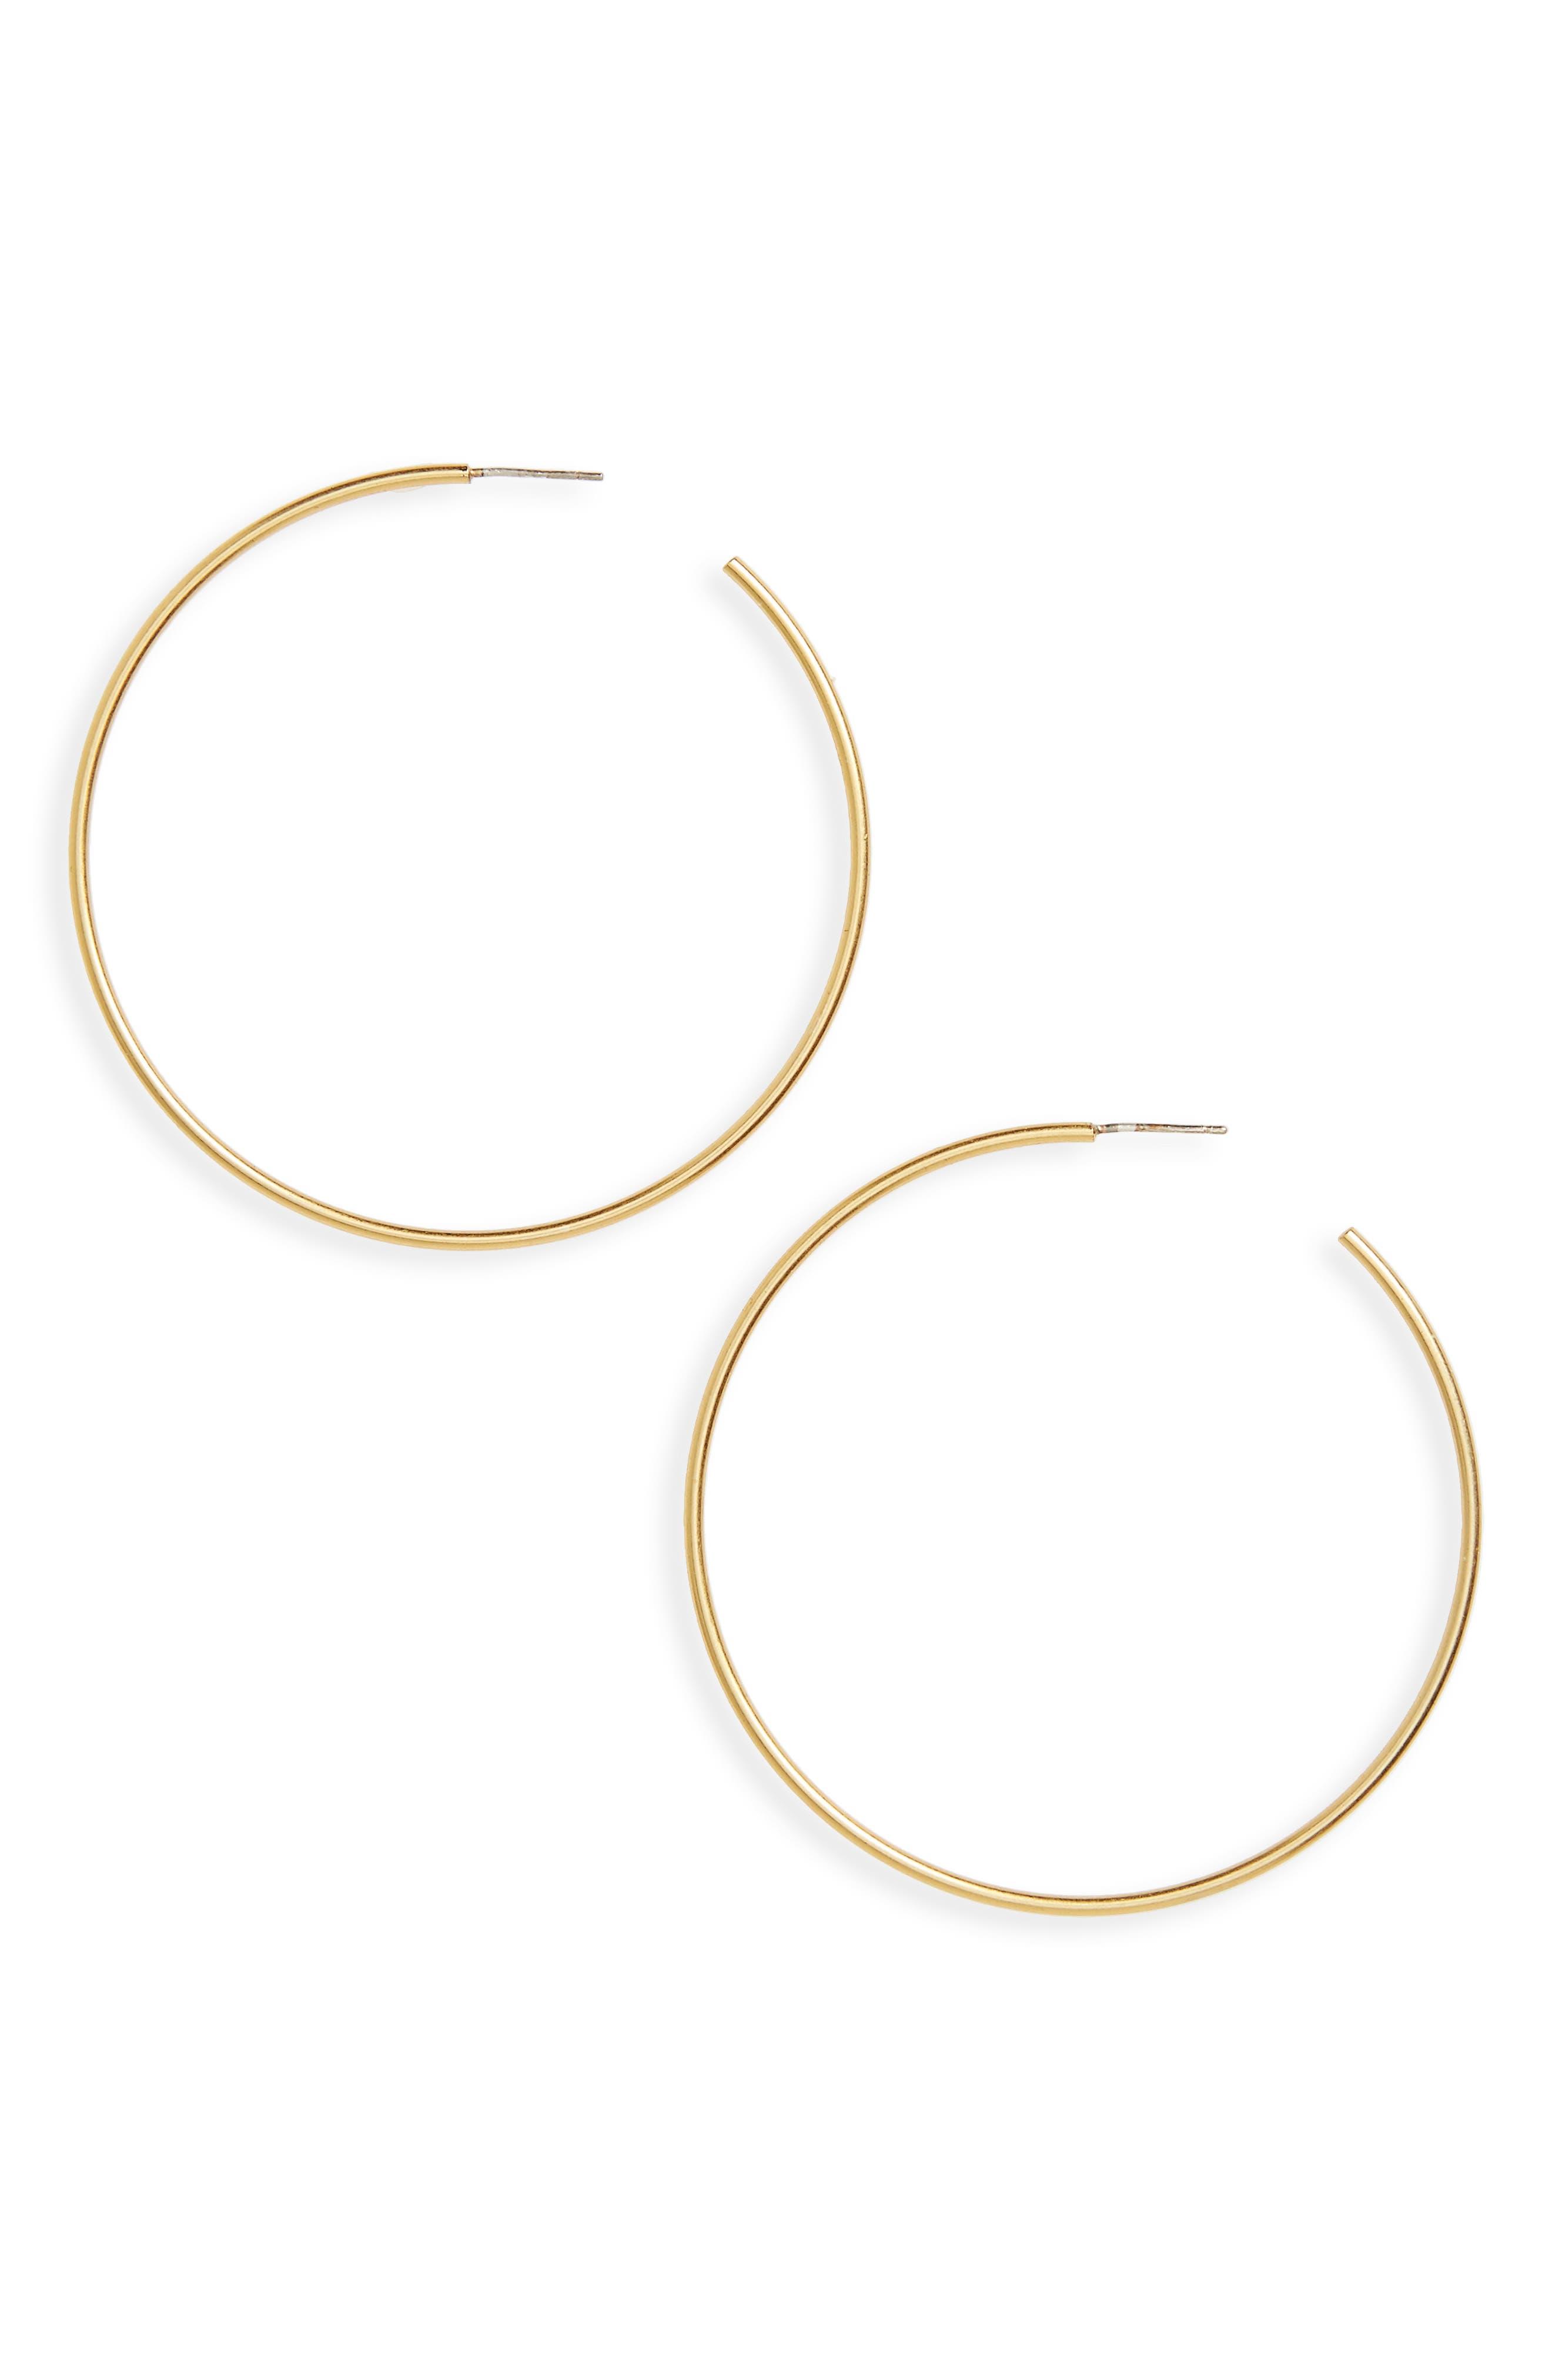 Alternate Image 1 Selected - Madewell Hoop Earrings